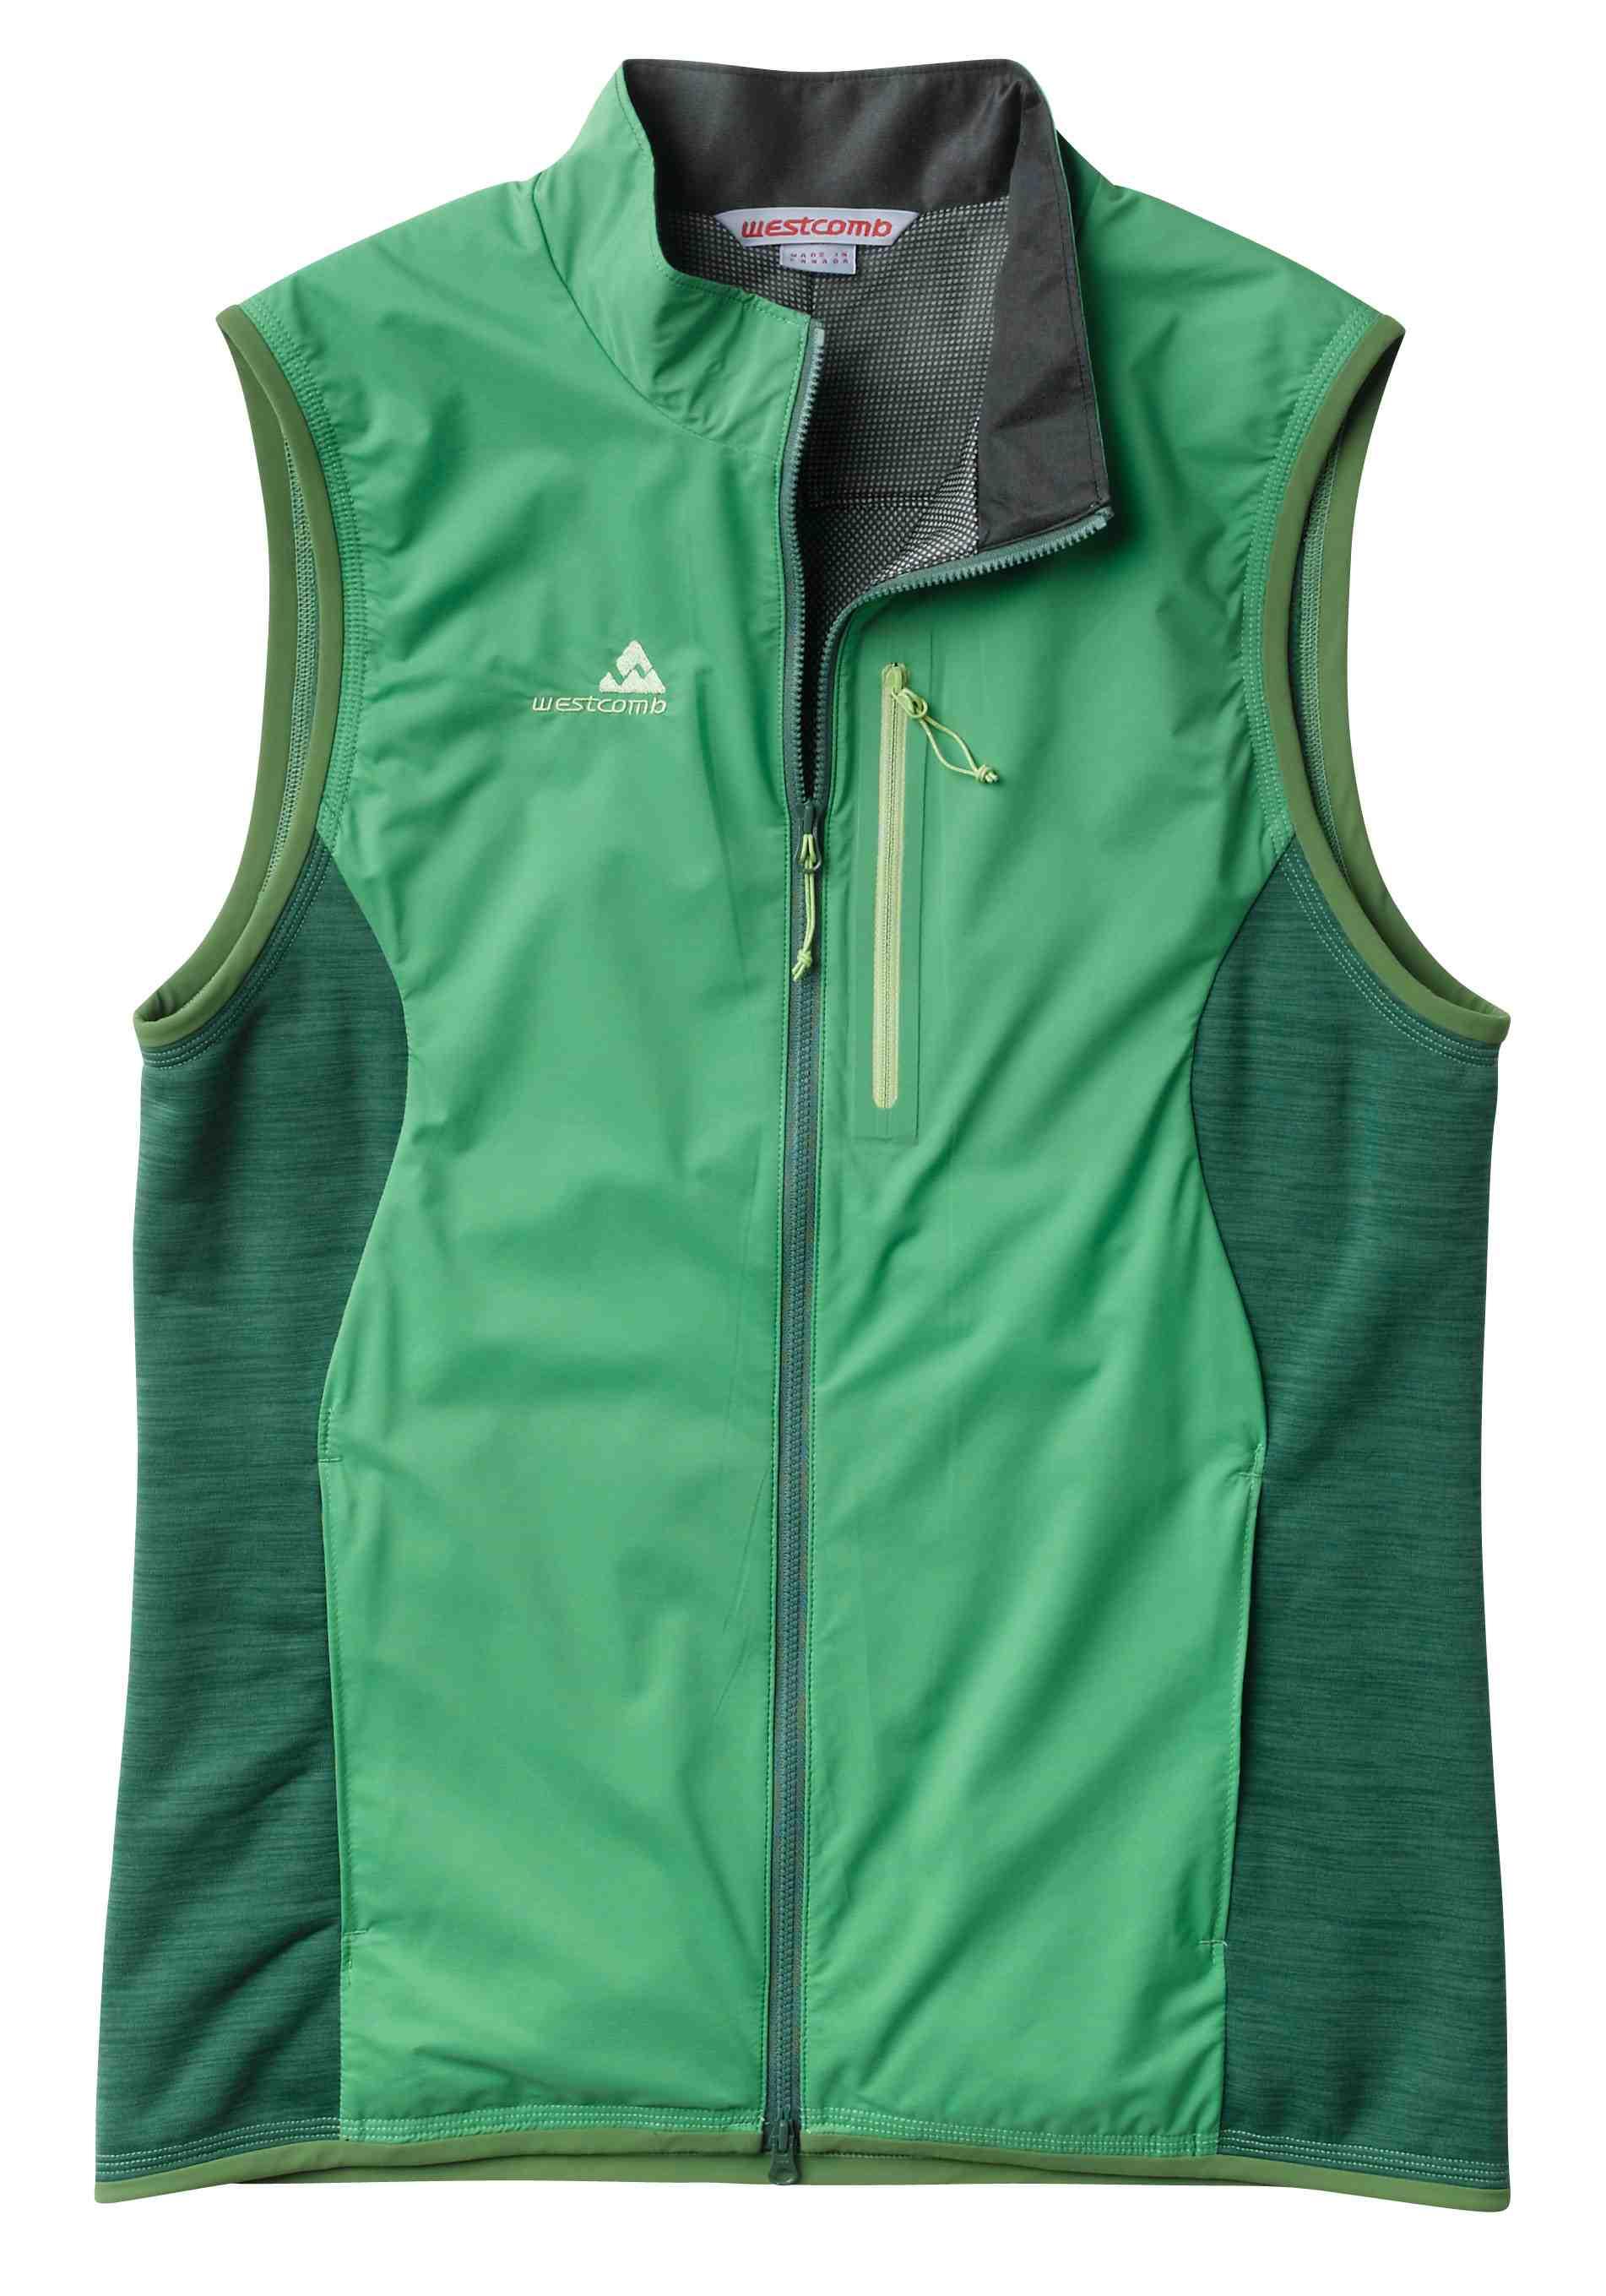 Westcomb Echo Vest with Polartecr Alphar